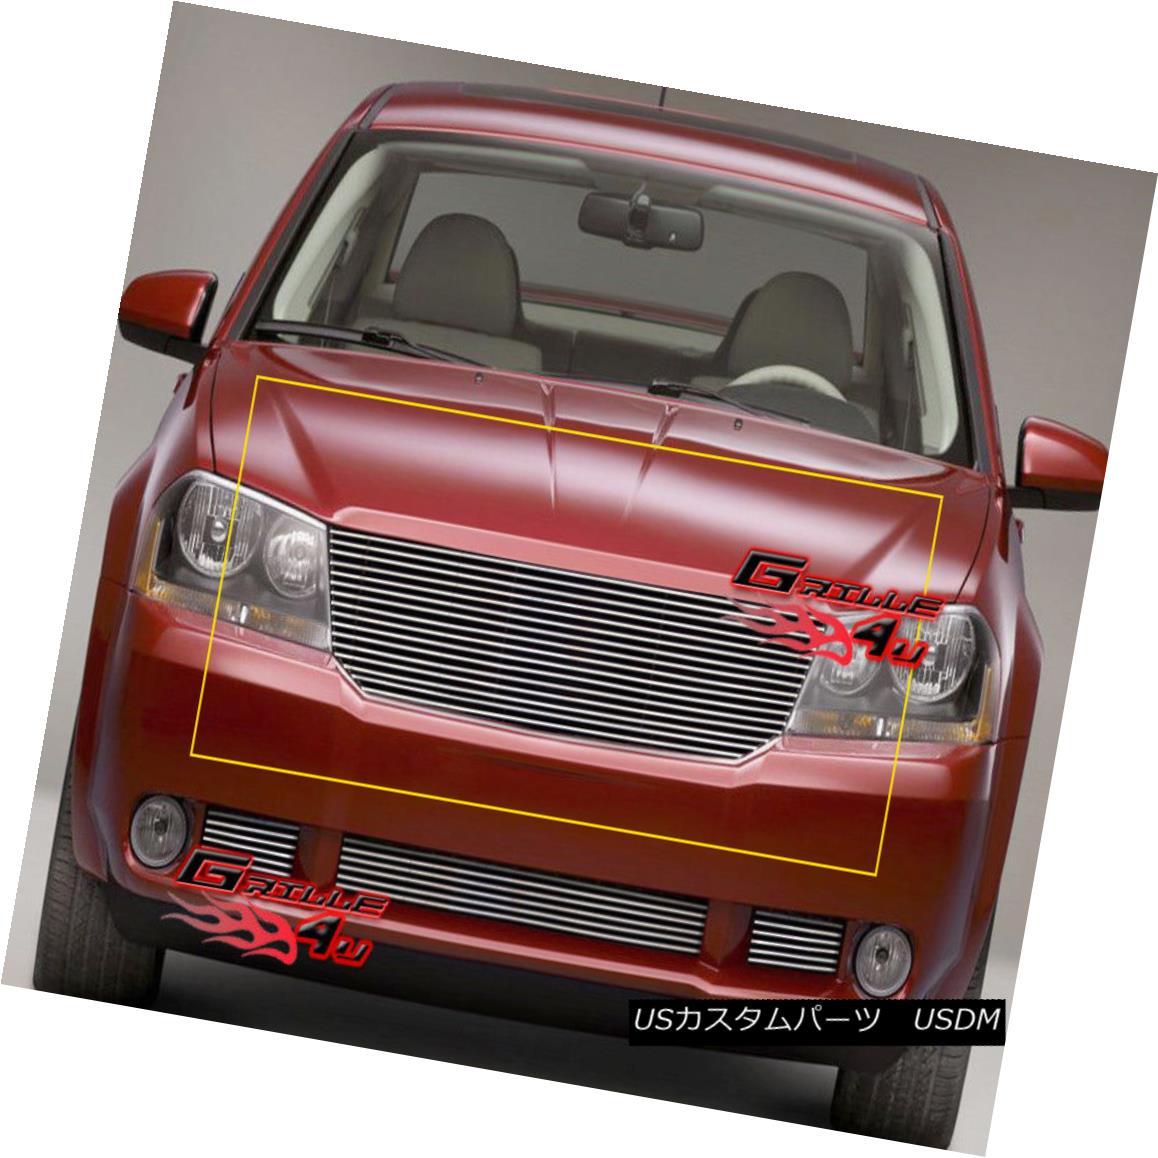 グリル For 07-10 2010 Dodge Avenger Billet Grille Insert 07-10 2010ドッジアベンジャービレットグリルインサート